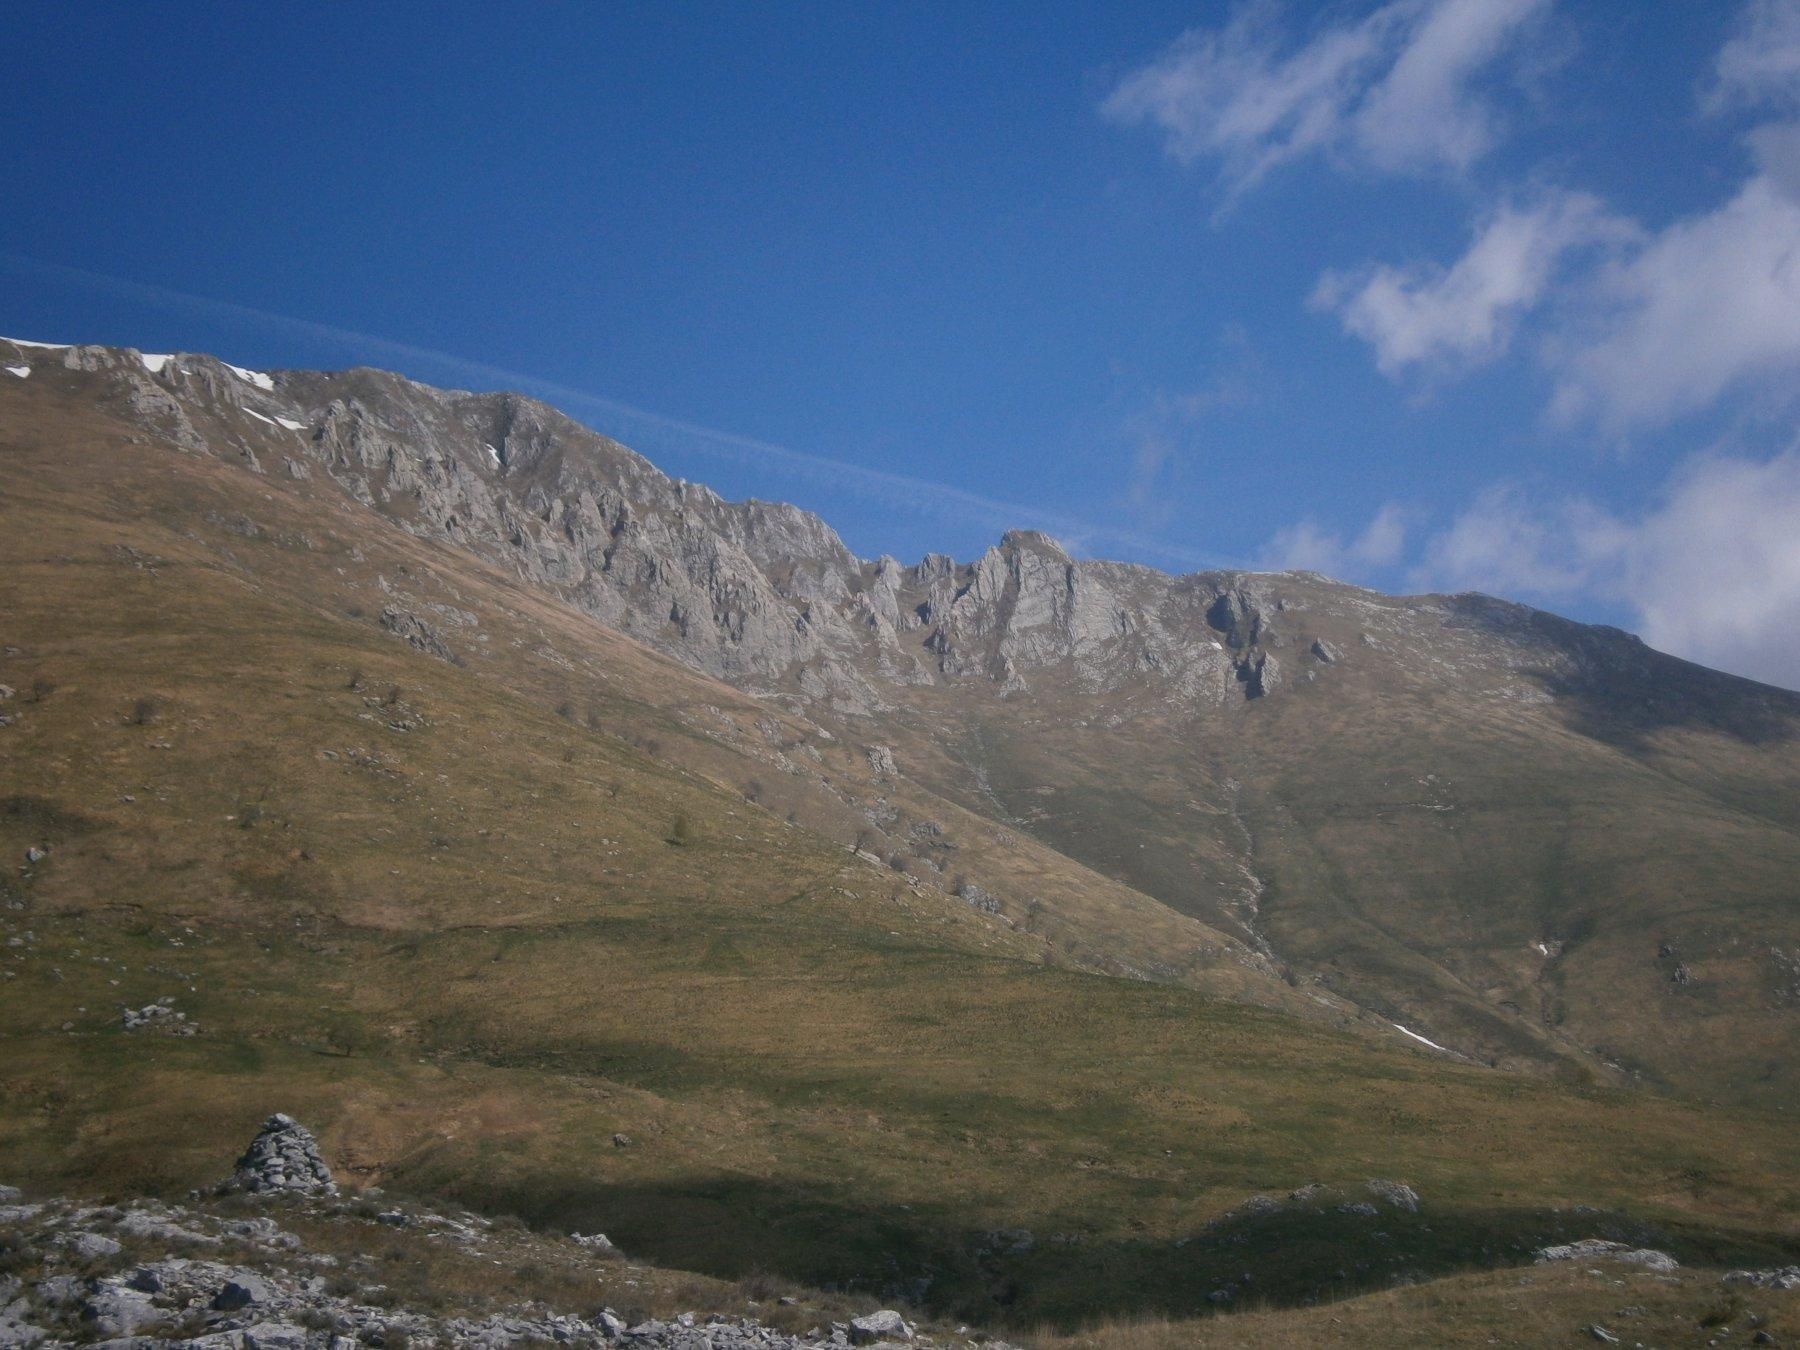 Antoroto e cresta da rocca Fea